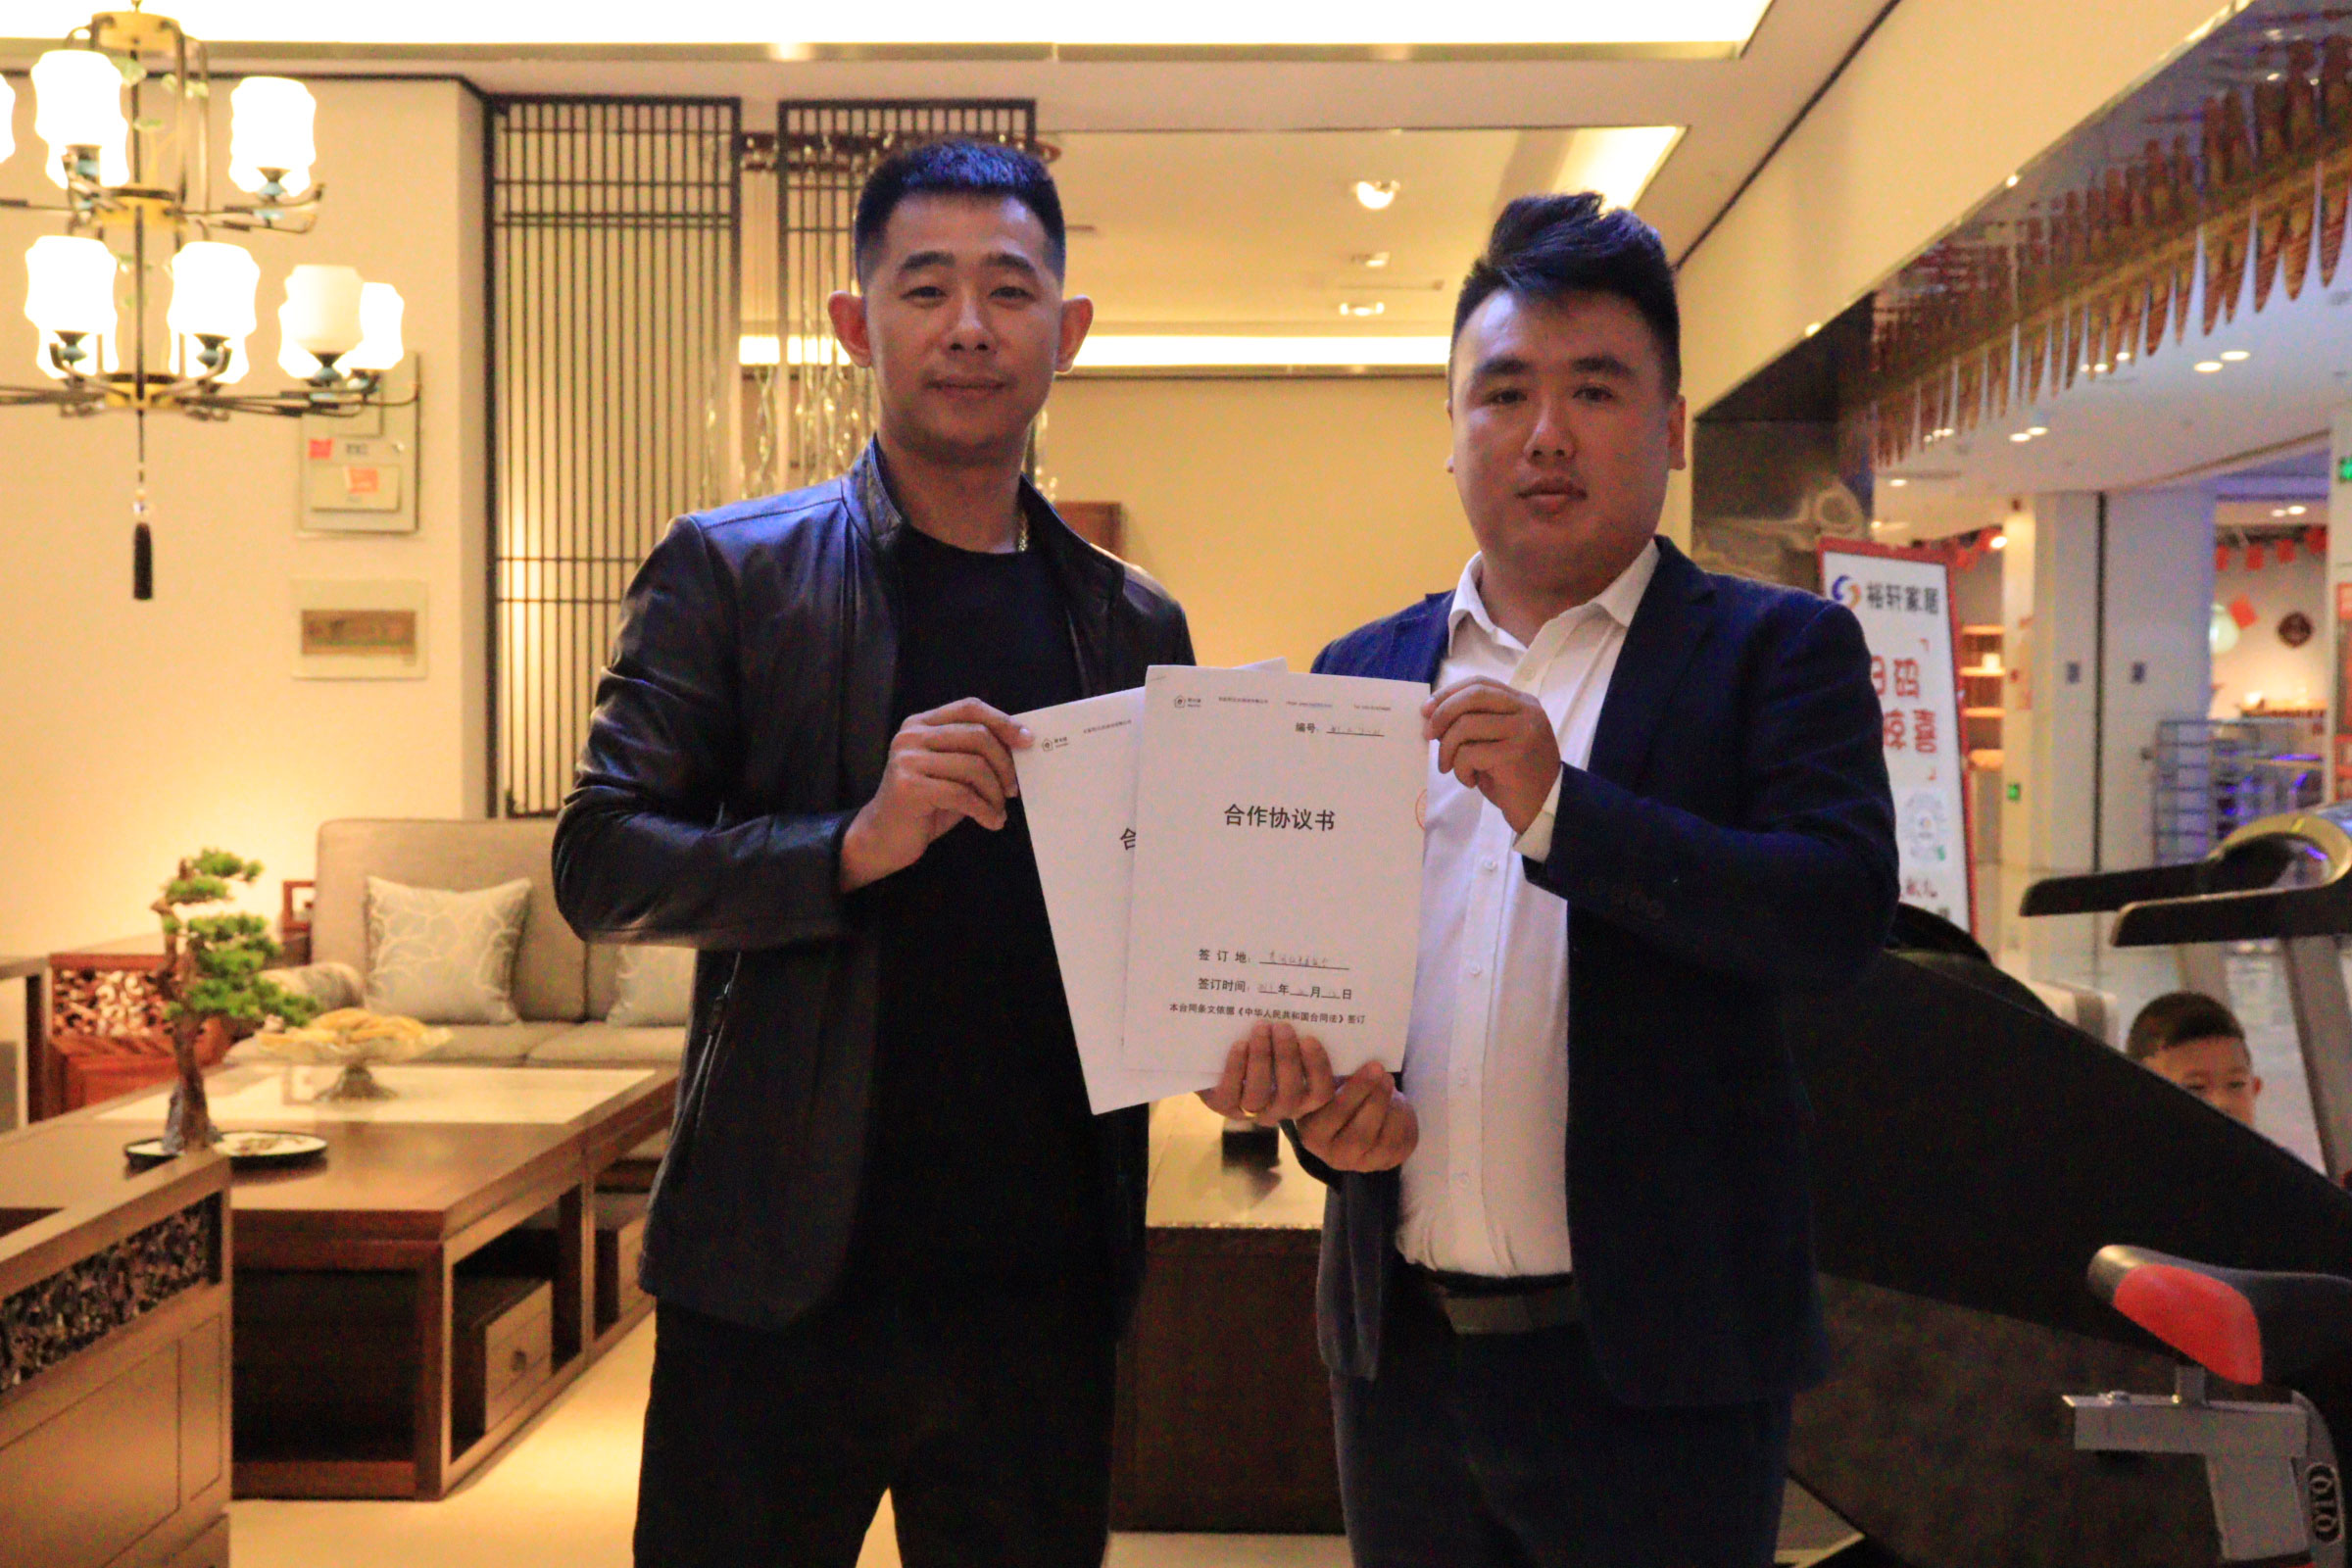 AG平台app智能品牌与北京裕轩家具达成友好合作关系